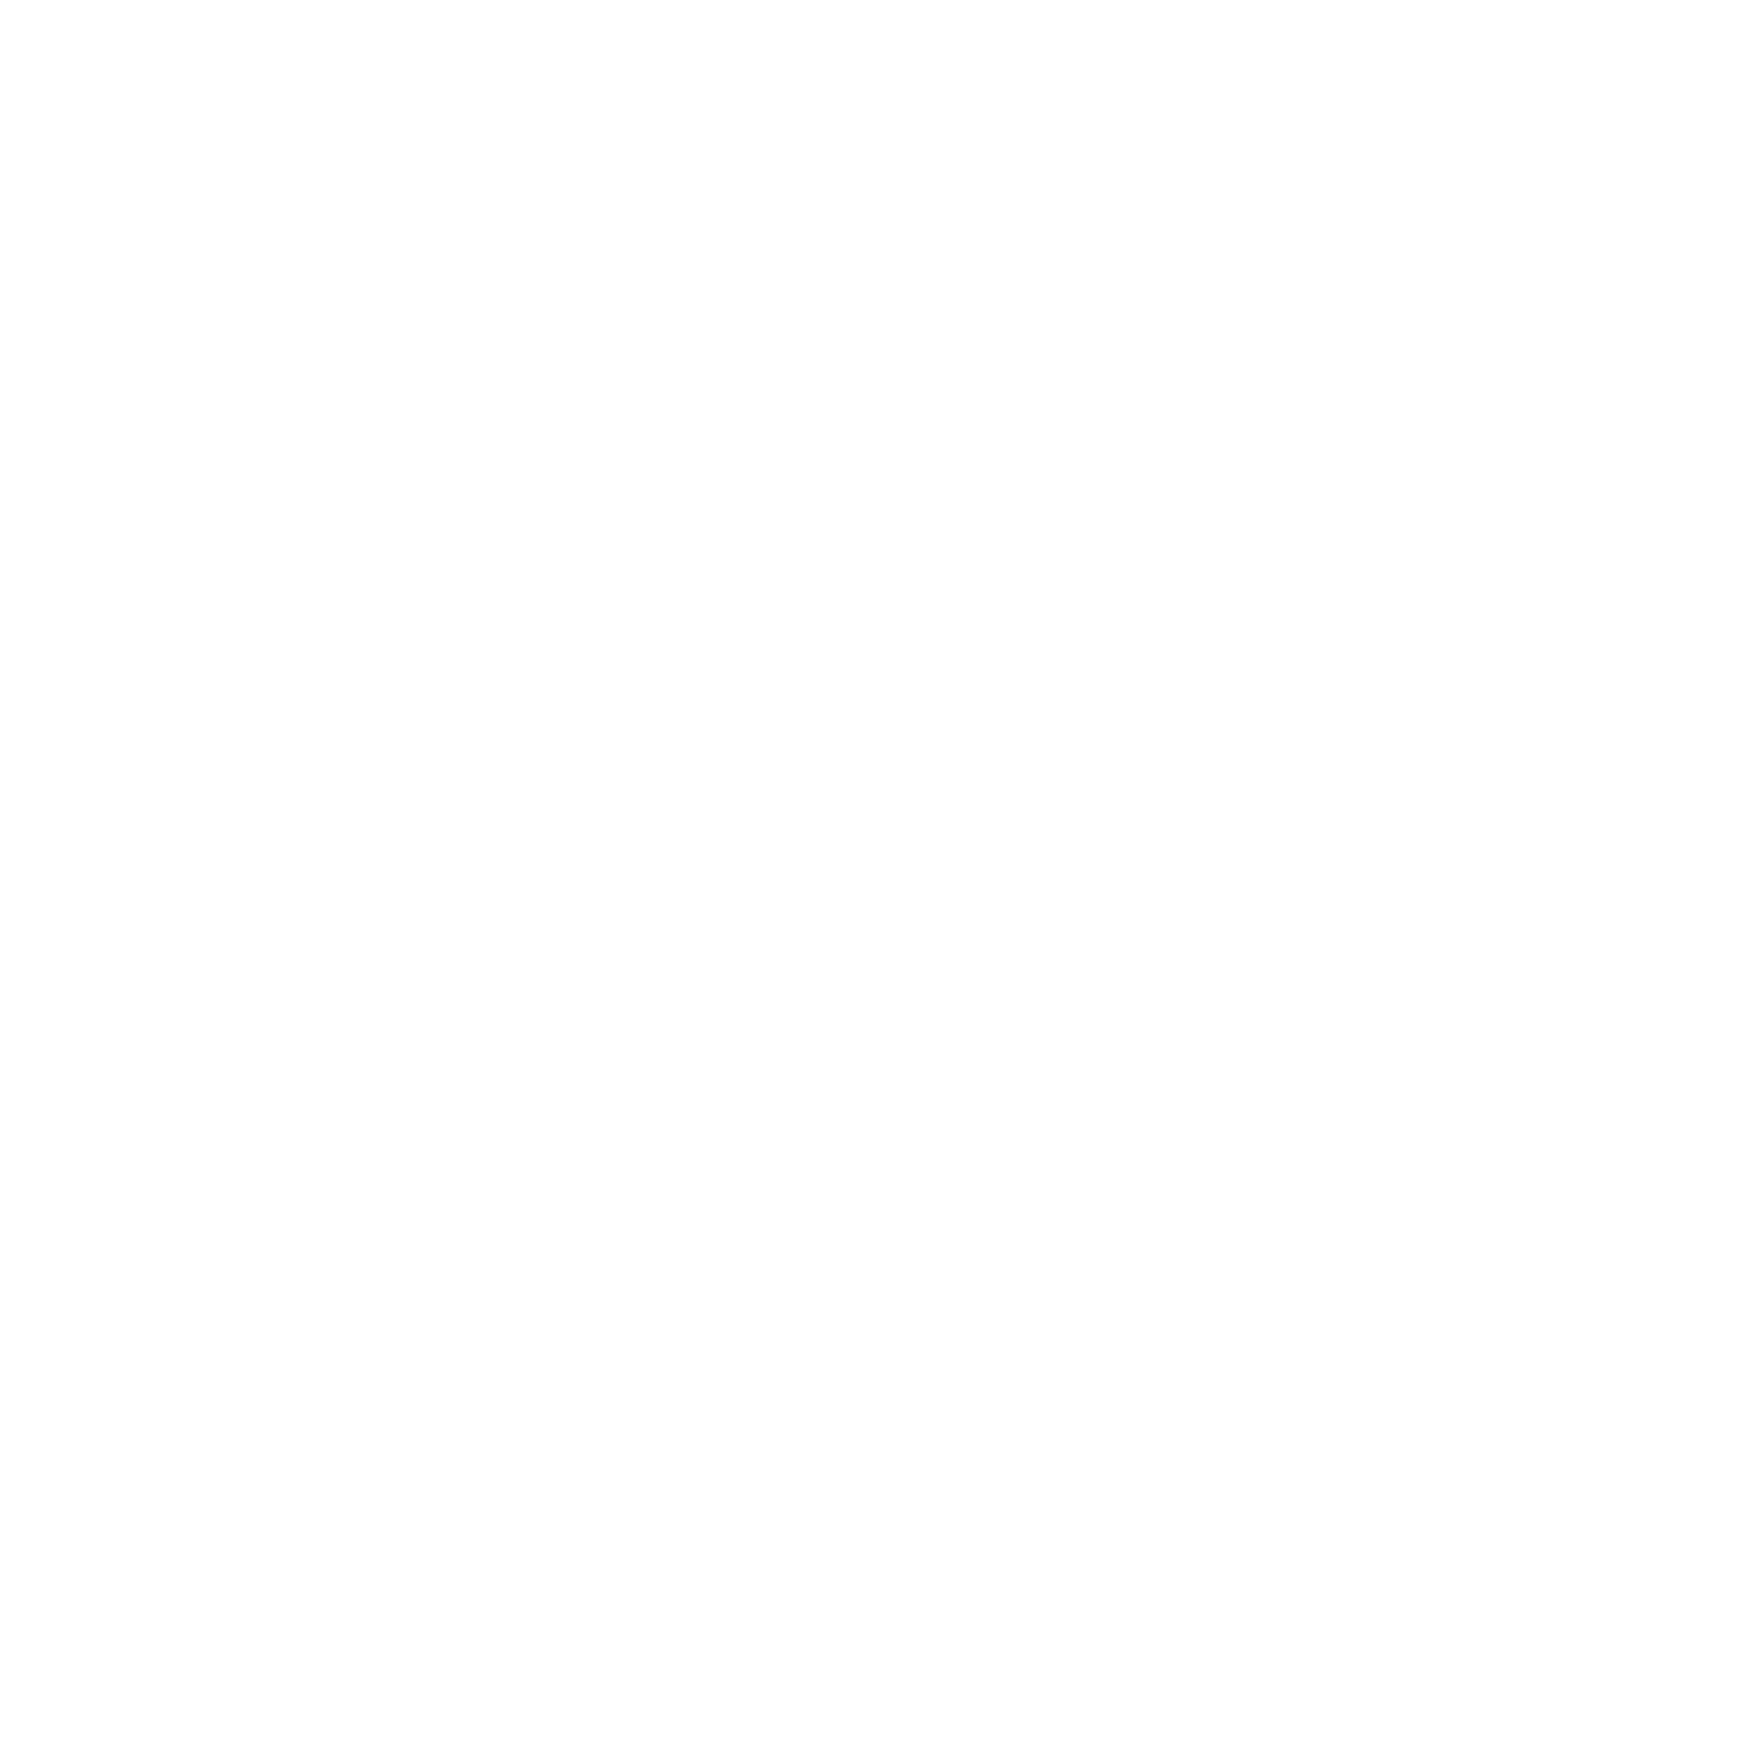 icon-white-outline